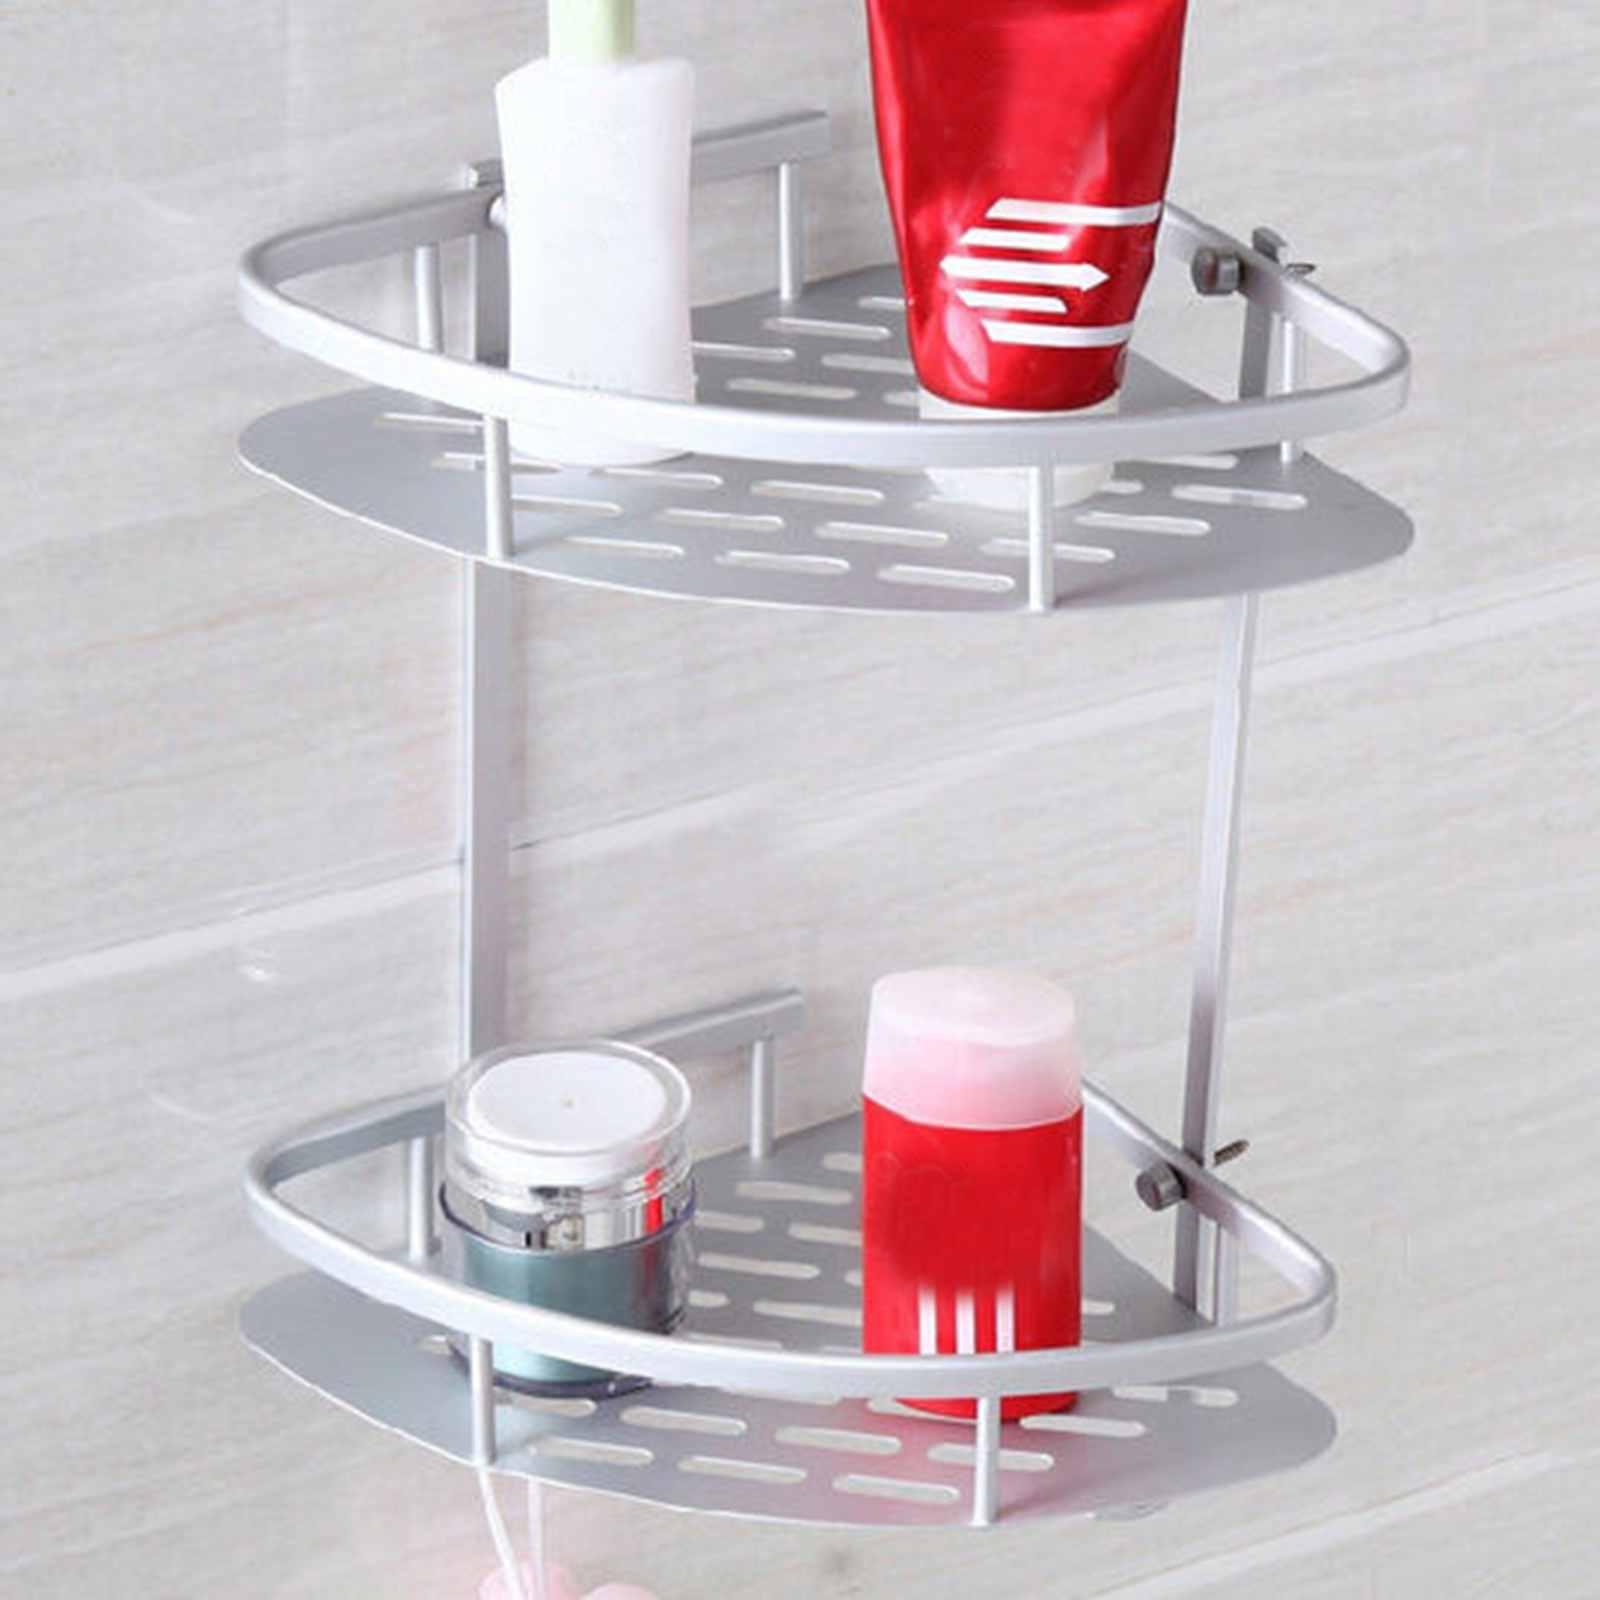 2 Tier Shower Bathroom Corner Storage Organizer Holder Shelf Basket Rack Caddy fixtures bathroom accessories 5231 solid brass chrome shower basket shelf tidy rack caddy storage holders